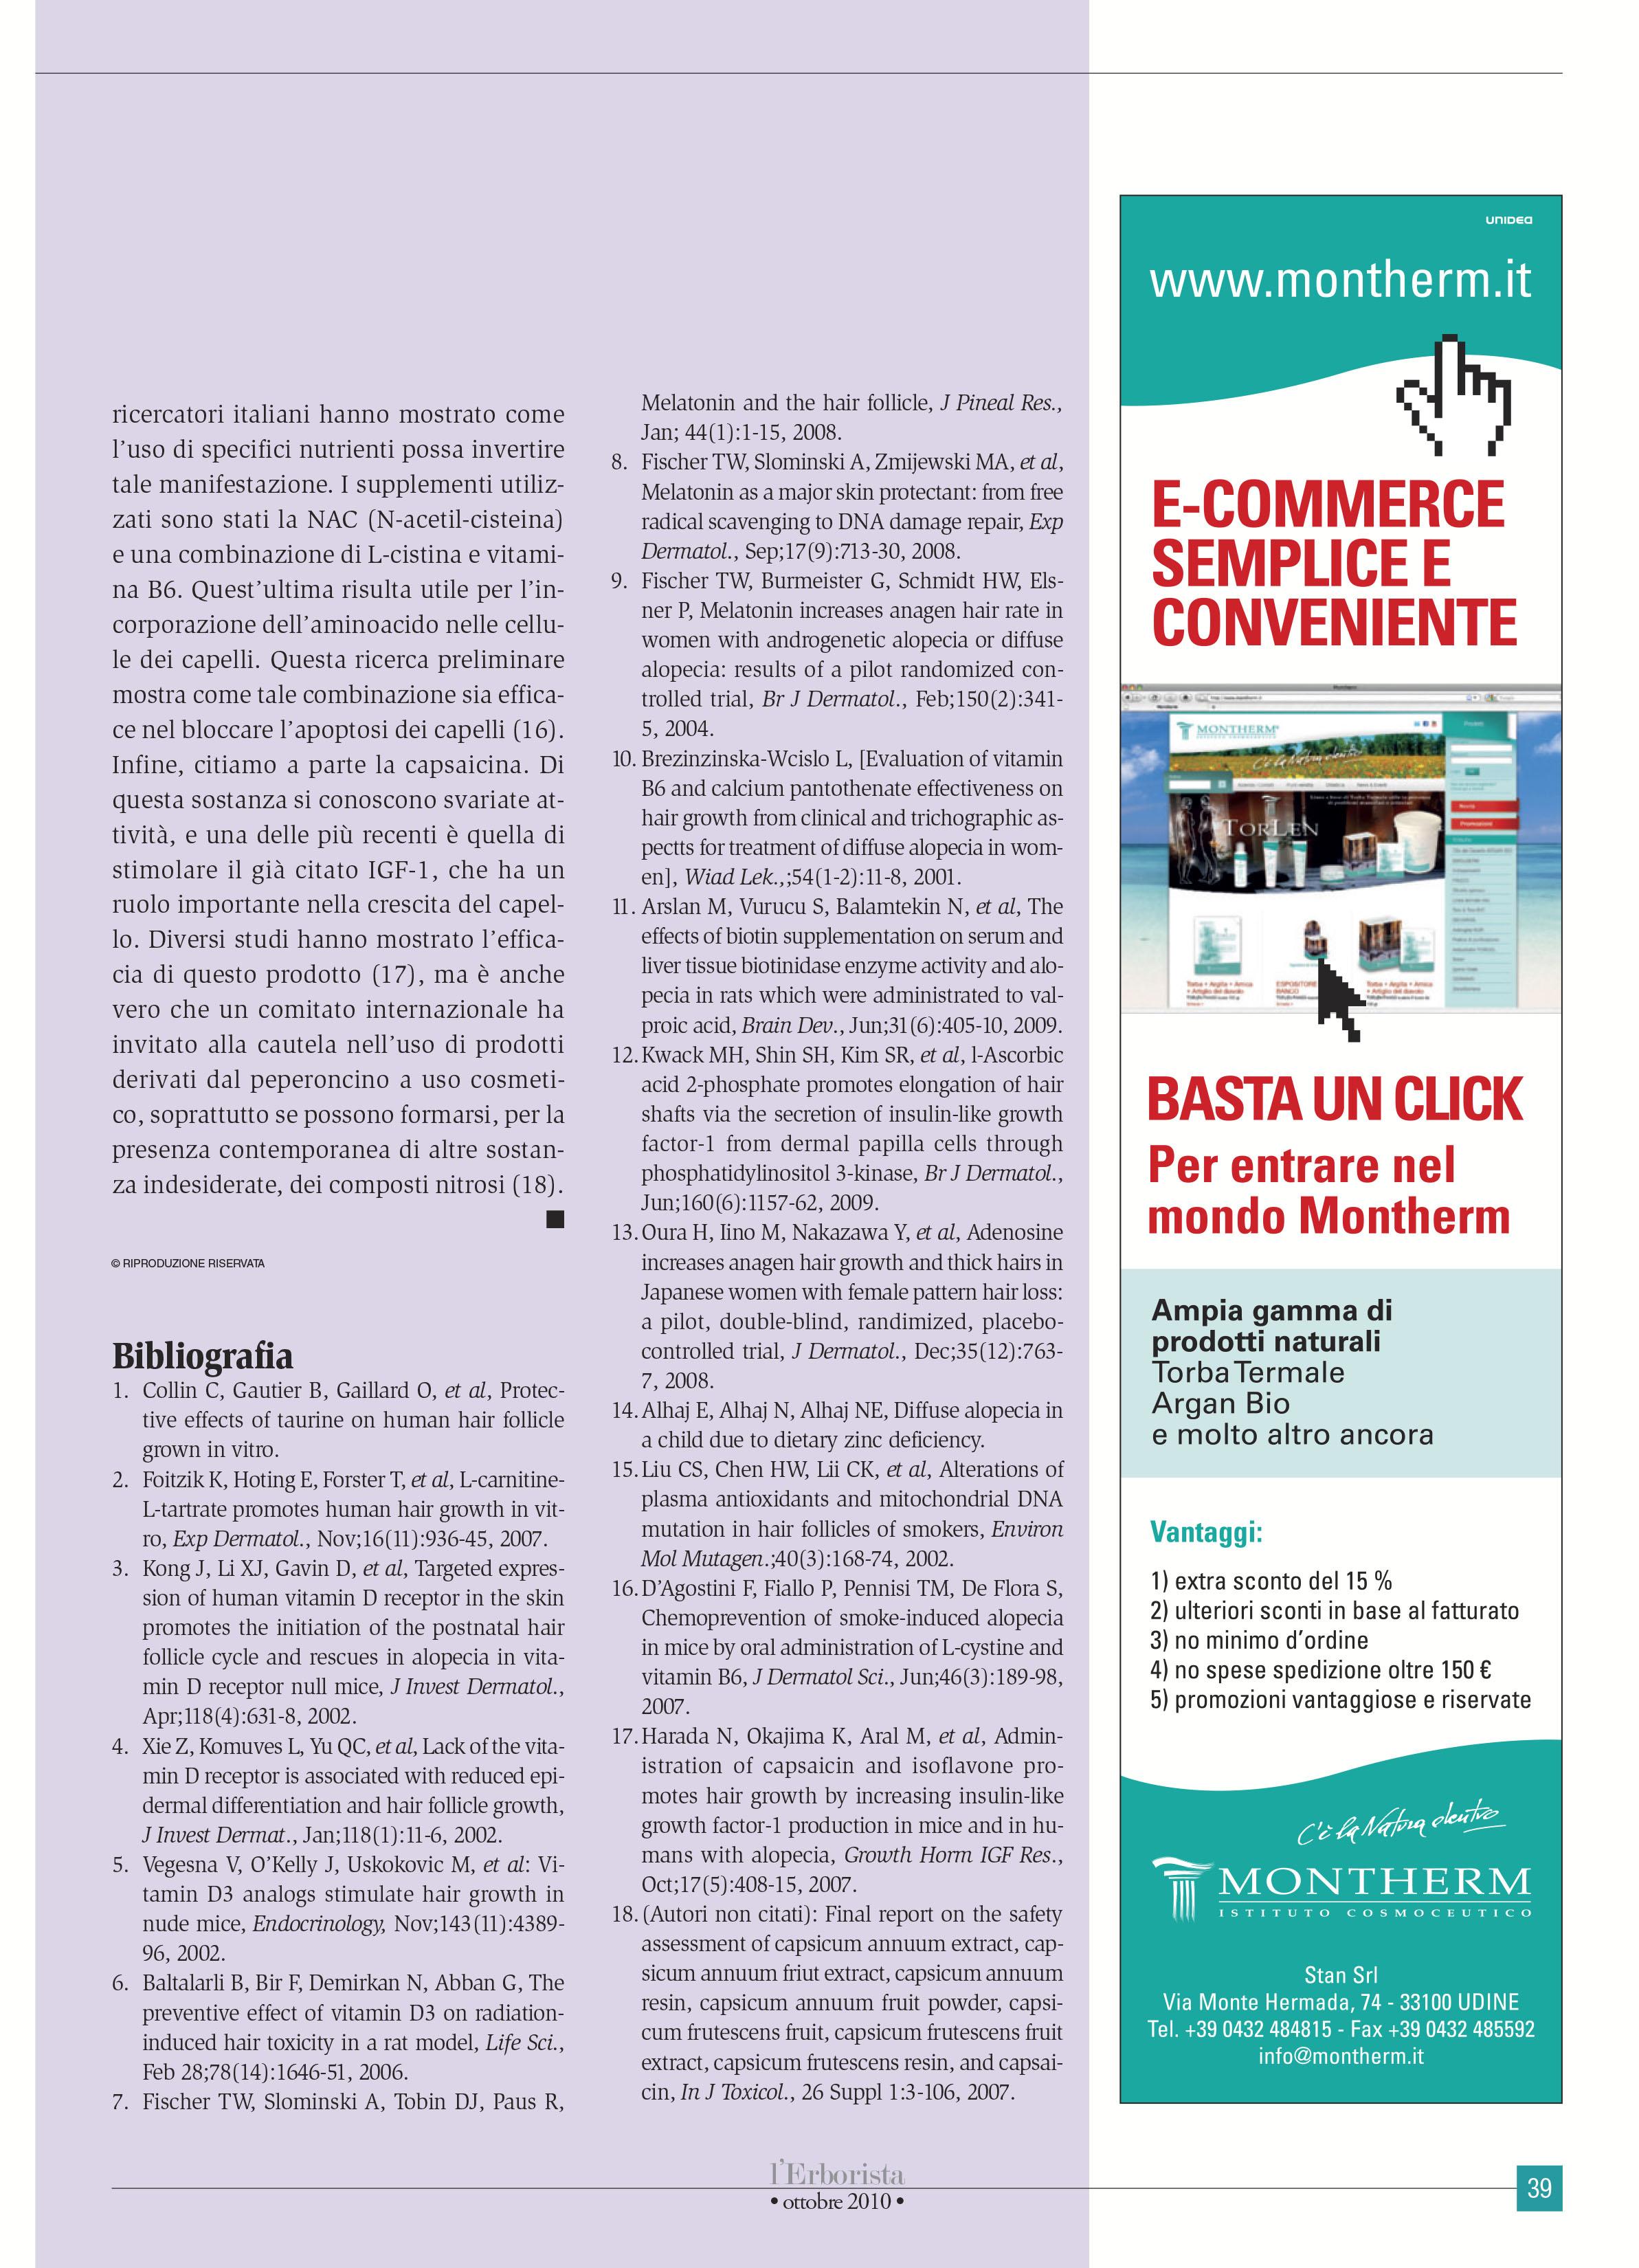 erborista ott 2010 e commerce